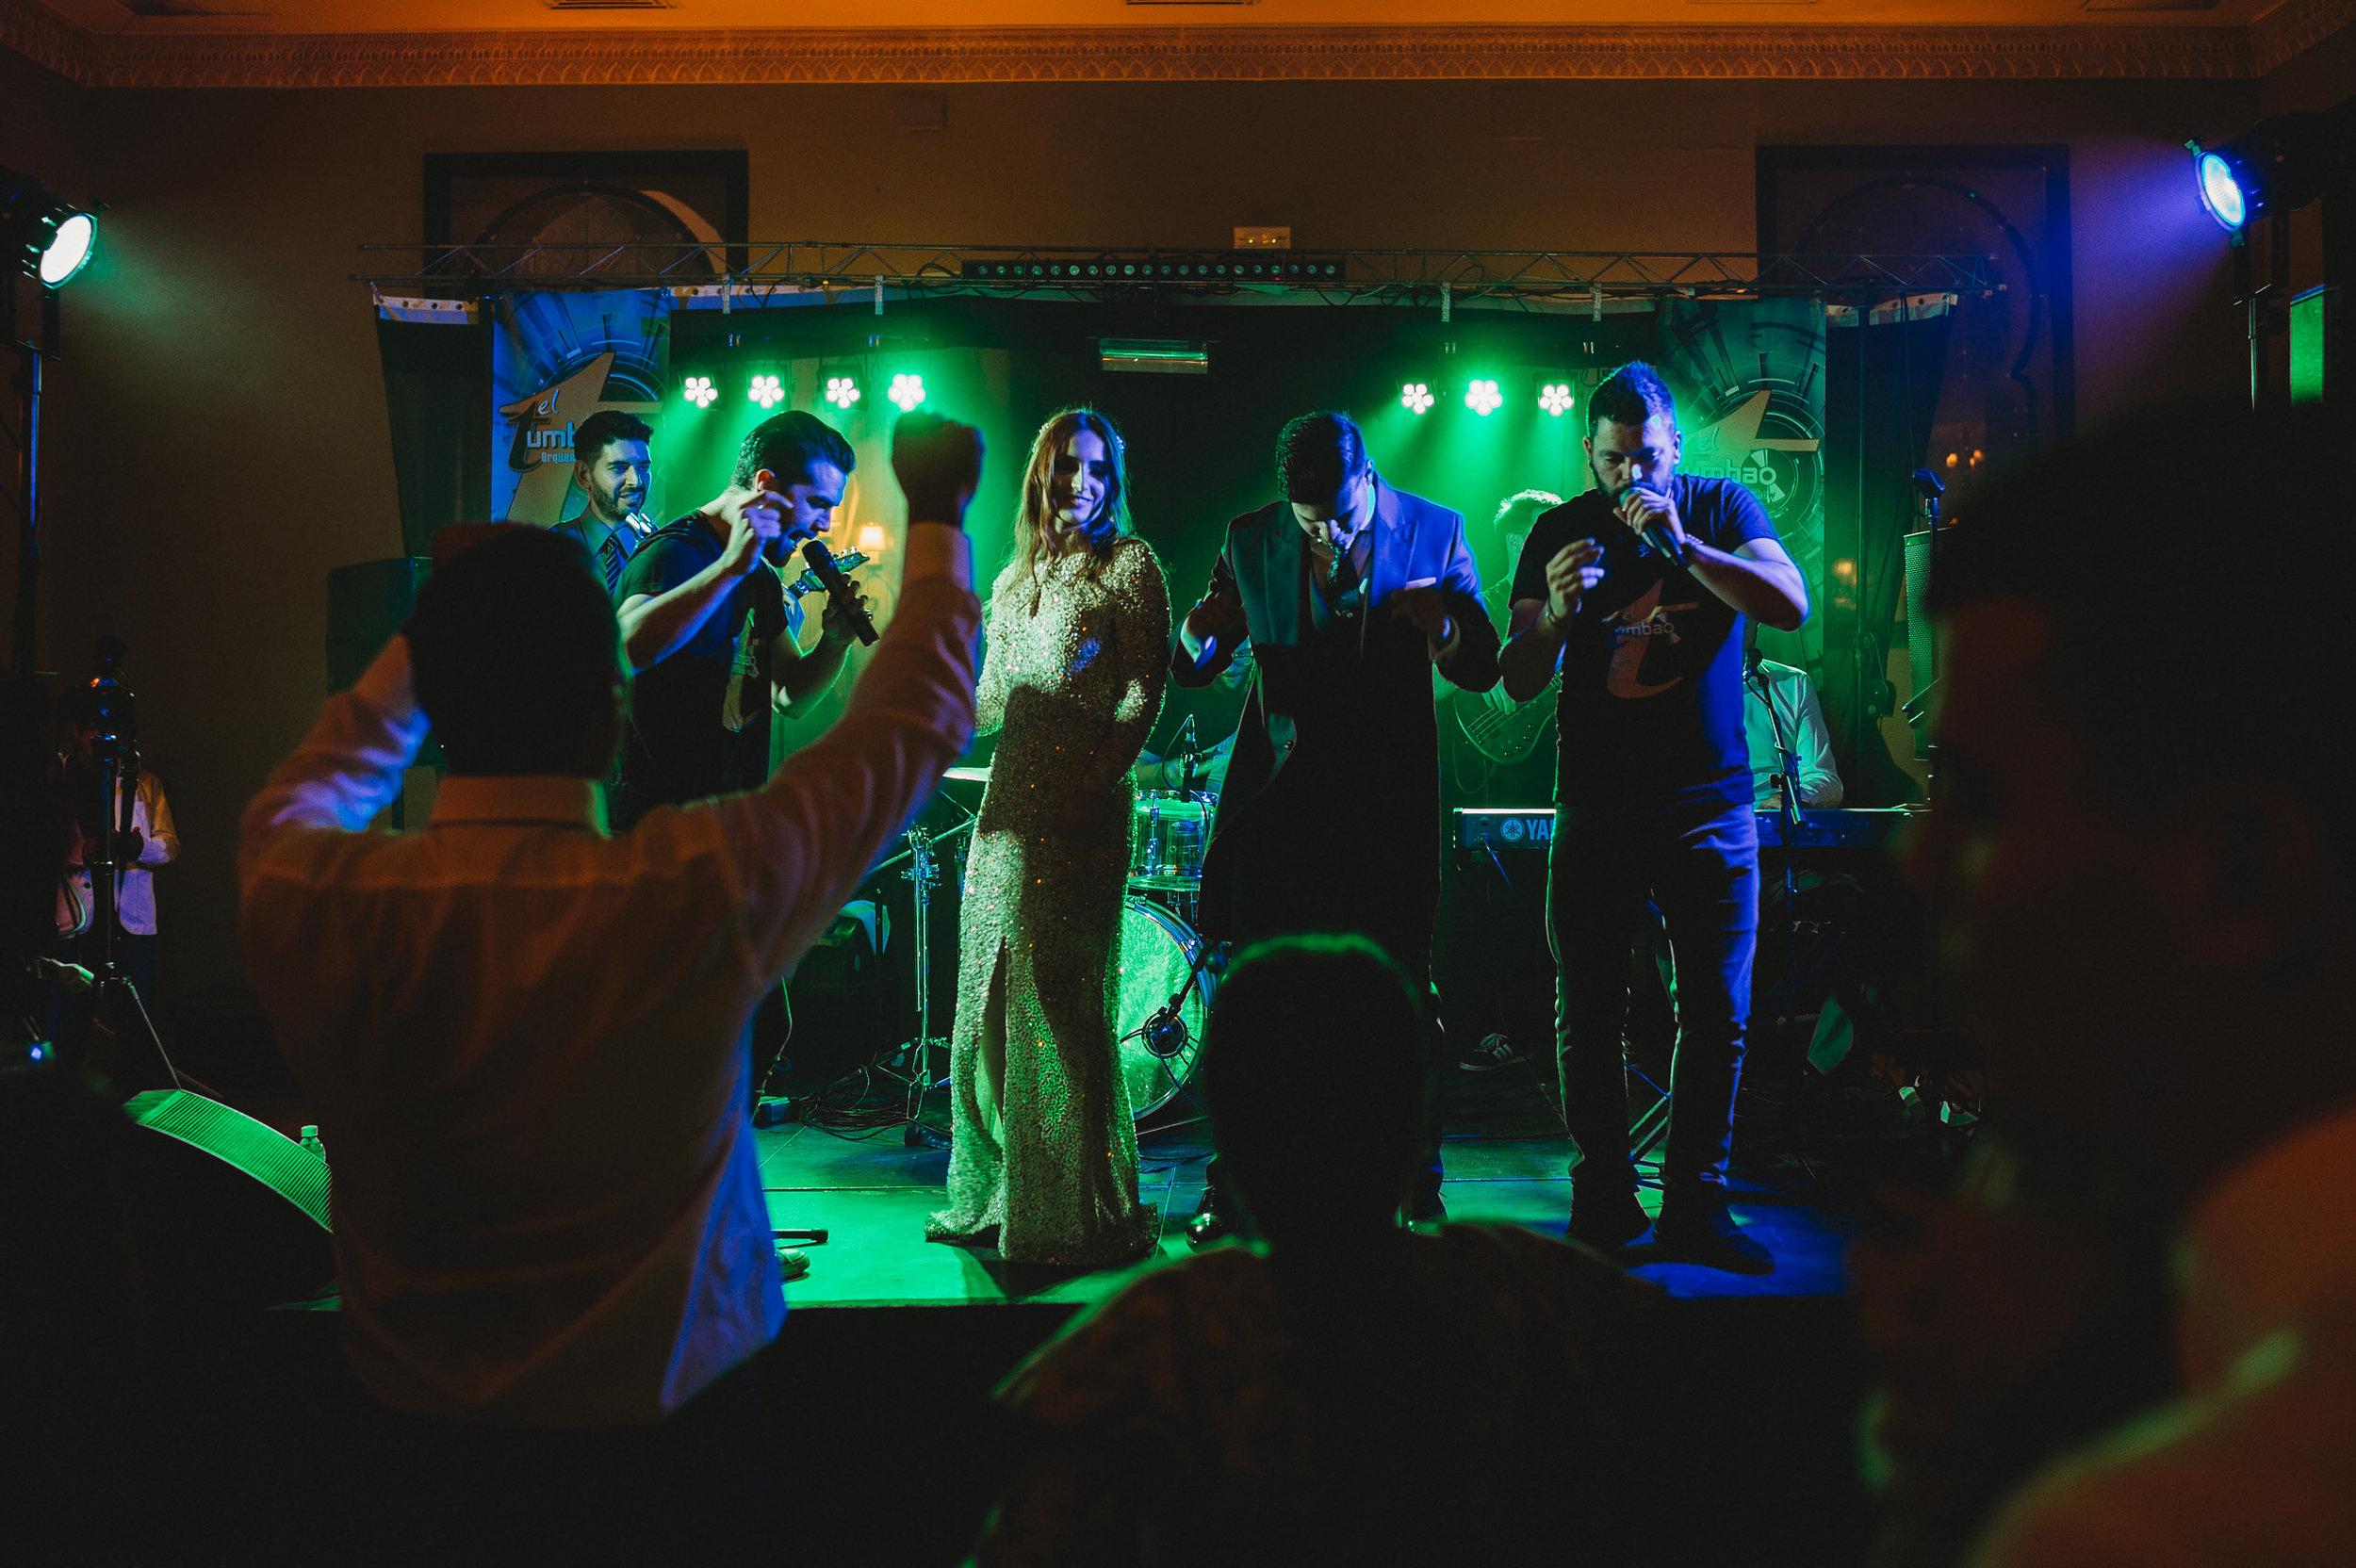 Andrés+Amarillo+fotografo+boda+Utrera+Dos+Hermanas+Santa+Maria+la+blanca+albaraca+Ivan+Campaña+los+tumbao (28).jpg